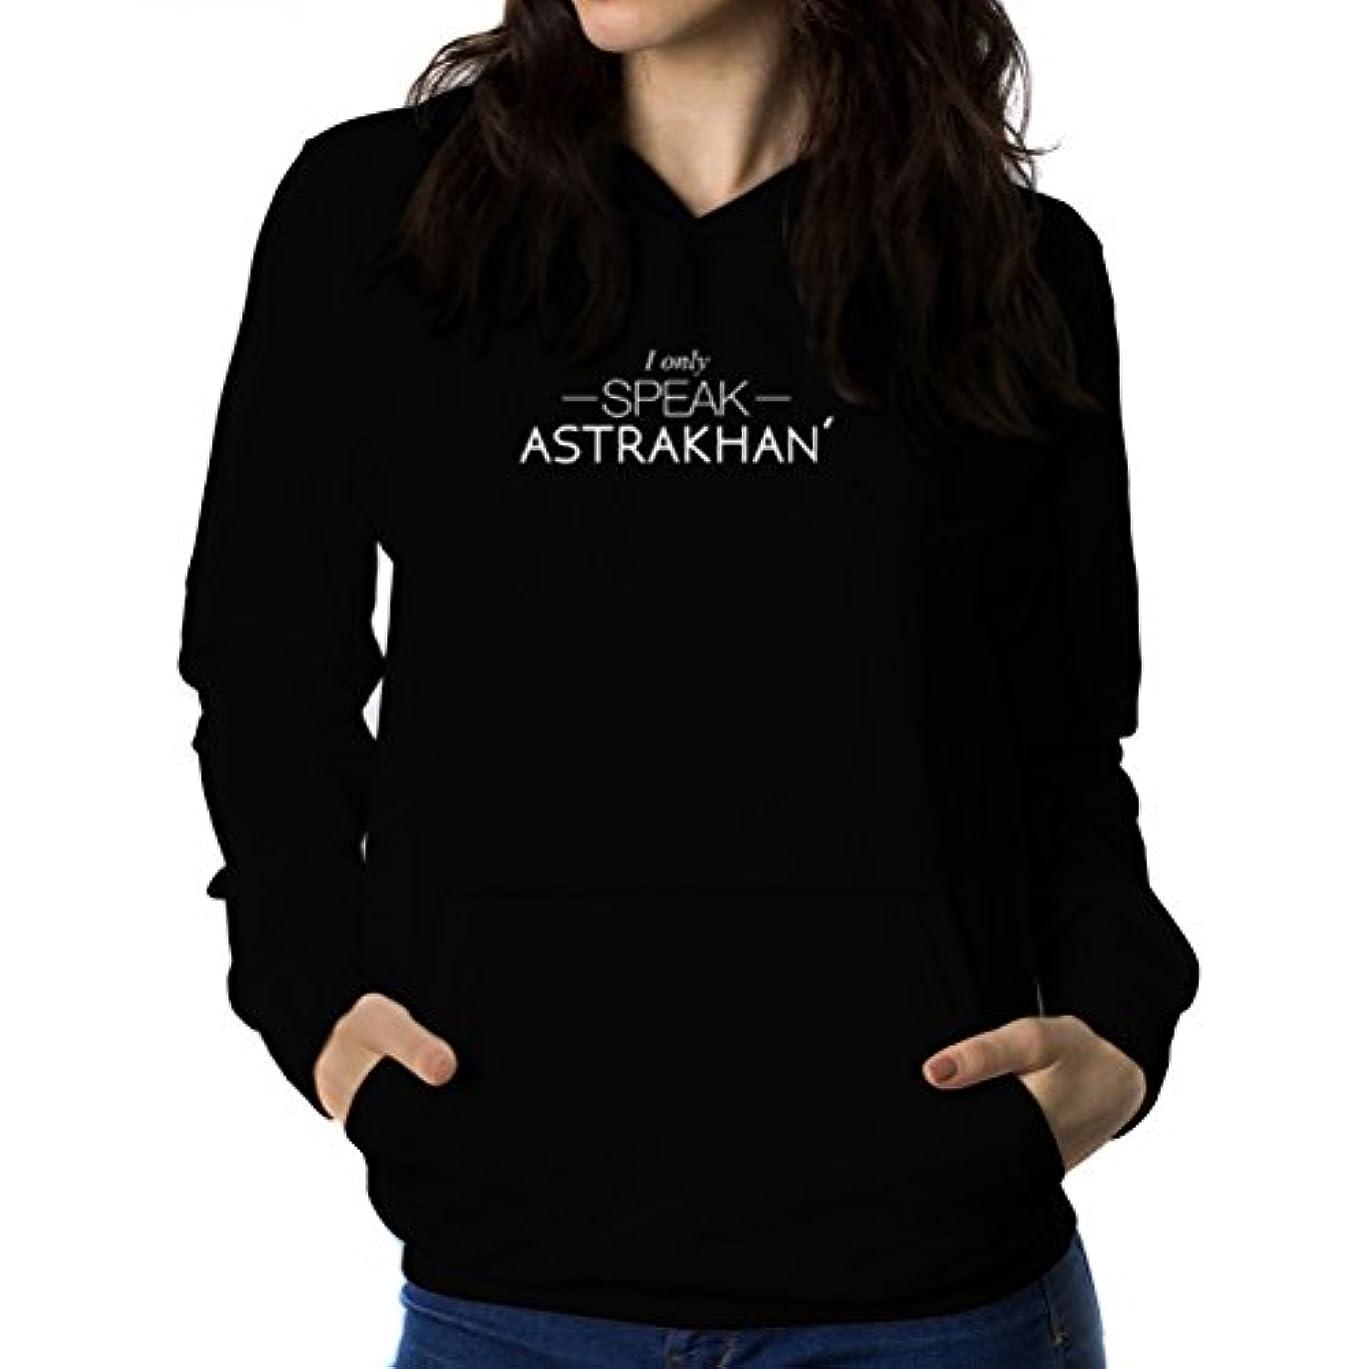 バスケットボール慣性フローI only speak Astrakhan' 女性 フーディー